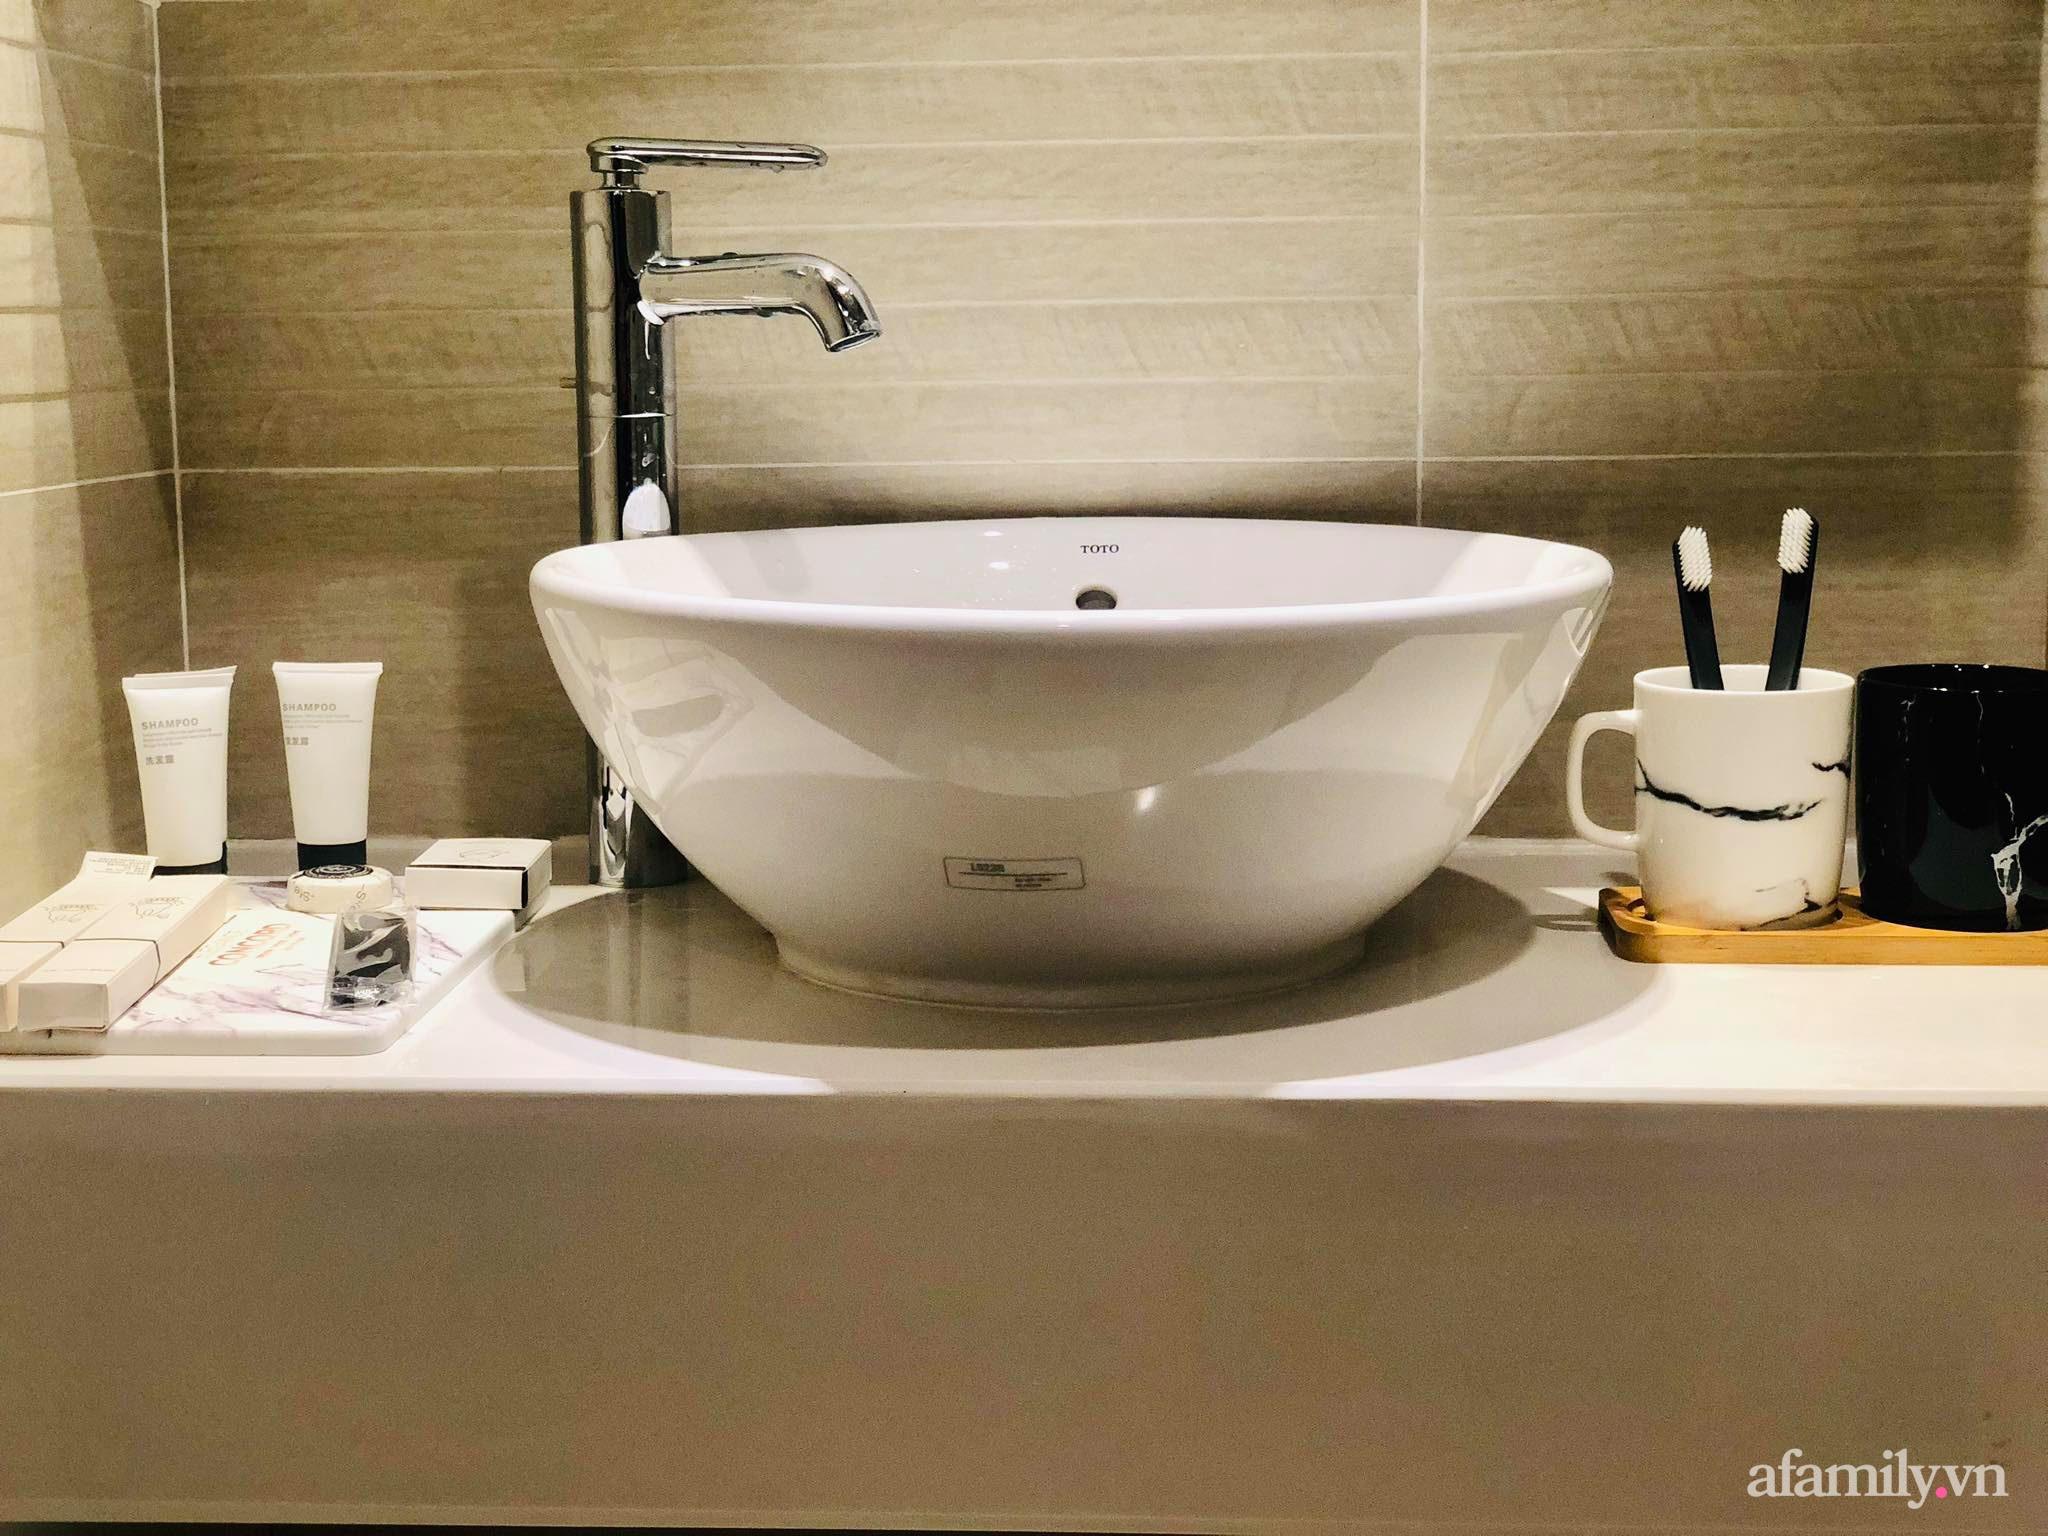 Căn hộ 28m² đẹp từng centimet với cách lựa chọn nội thất thông minh, hiện đại có chi phí hoàn thiện 100 triệu đồng ở Hà Nội - Ảnh 17.